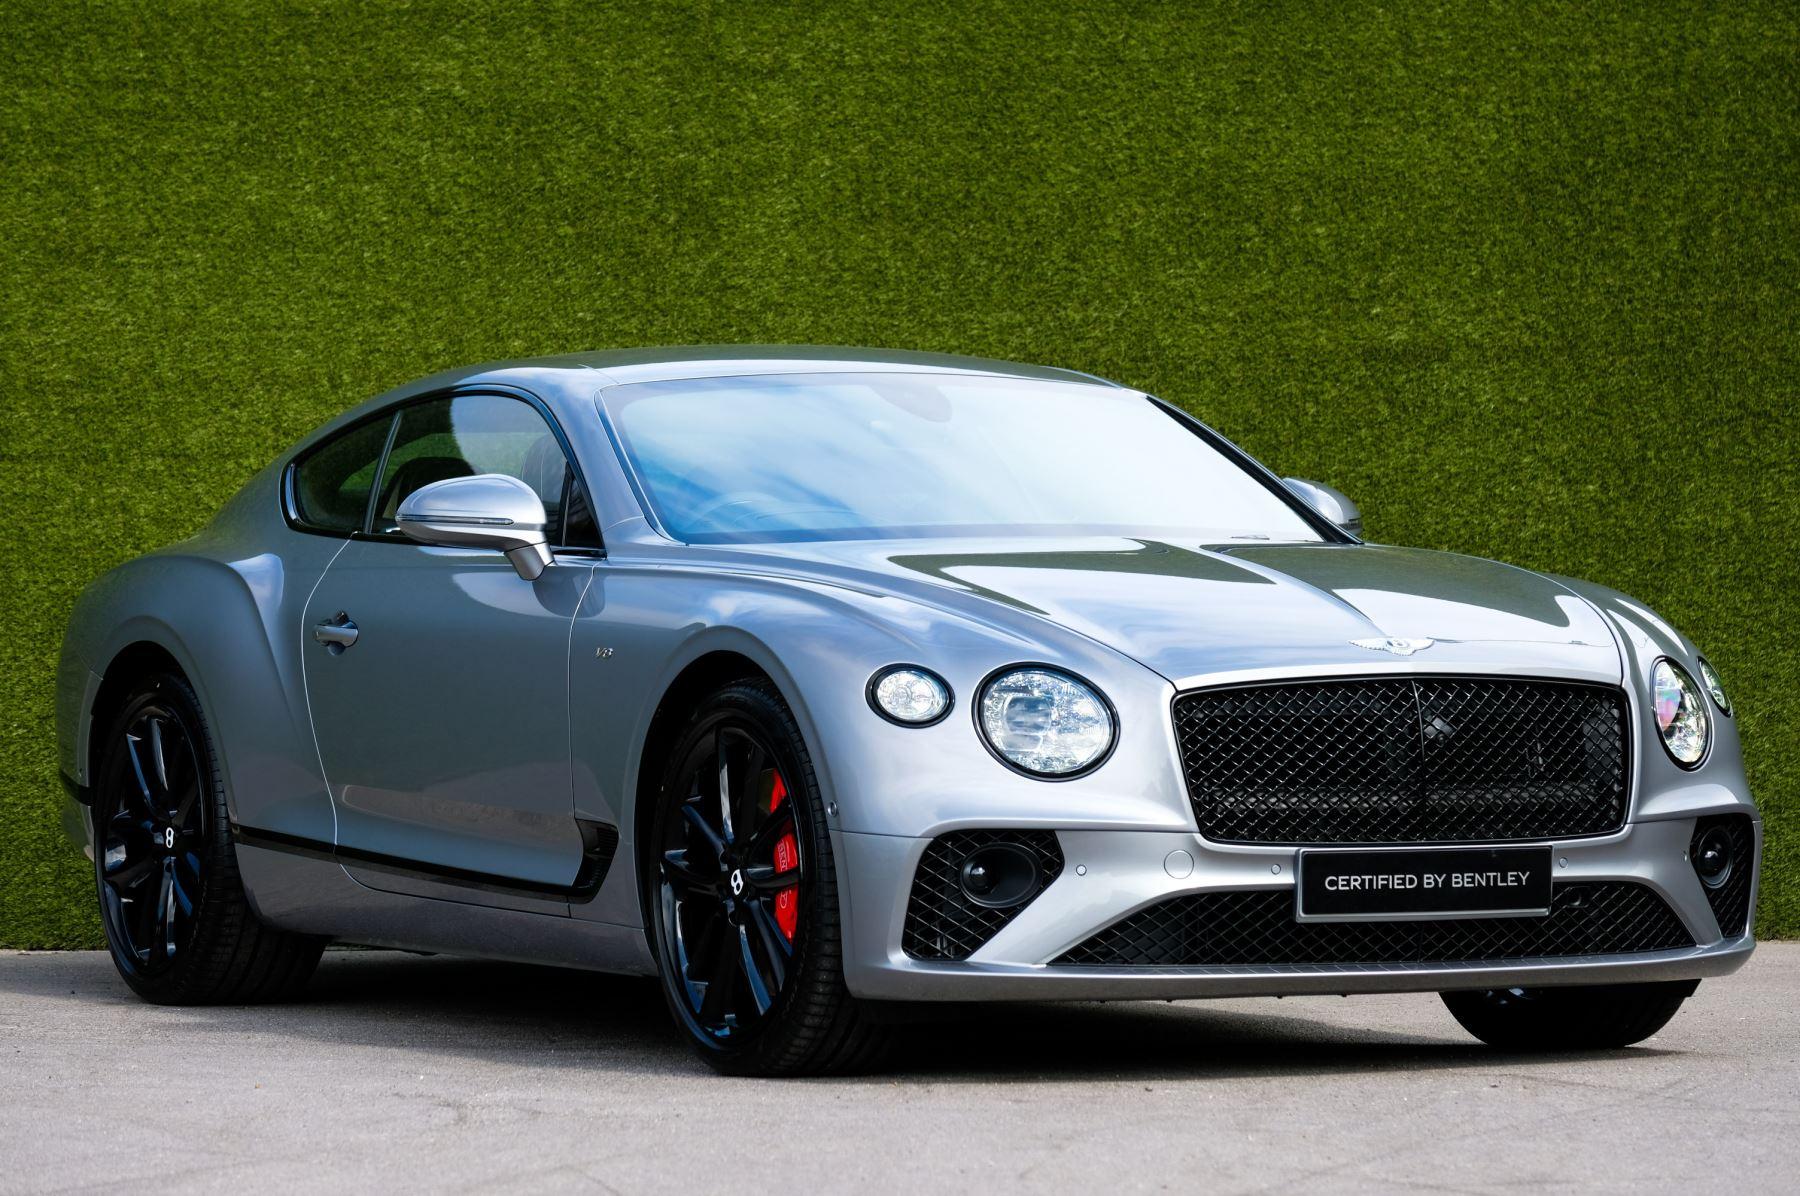 Bentley Continental GT 4.0 V8 2dr image 31